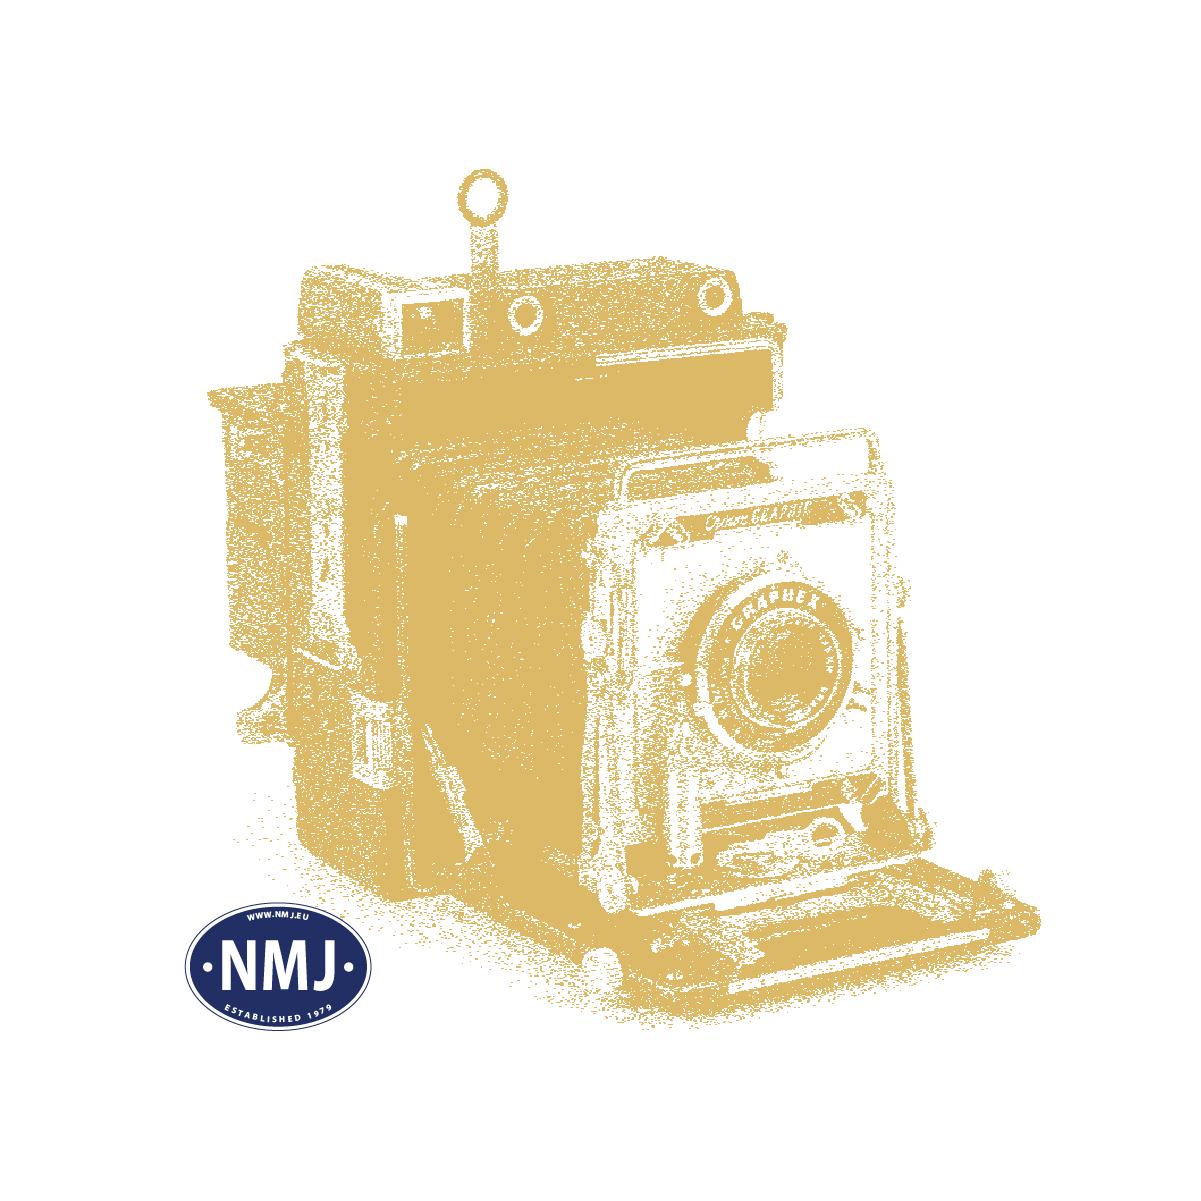 NMJB1110 - Norwegische Werbeplakate, Teil 1